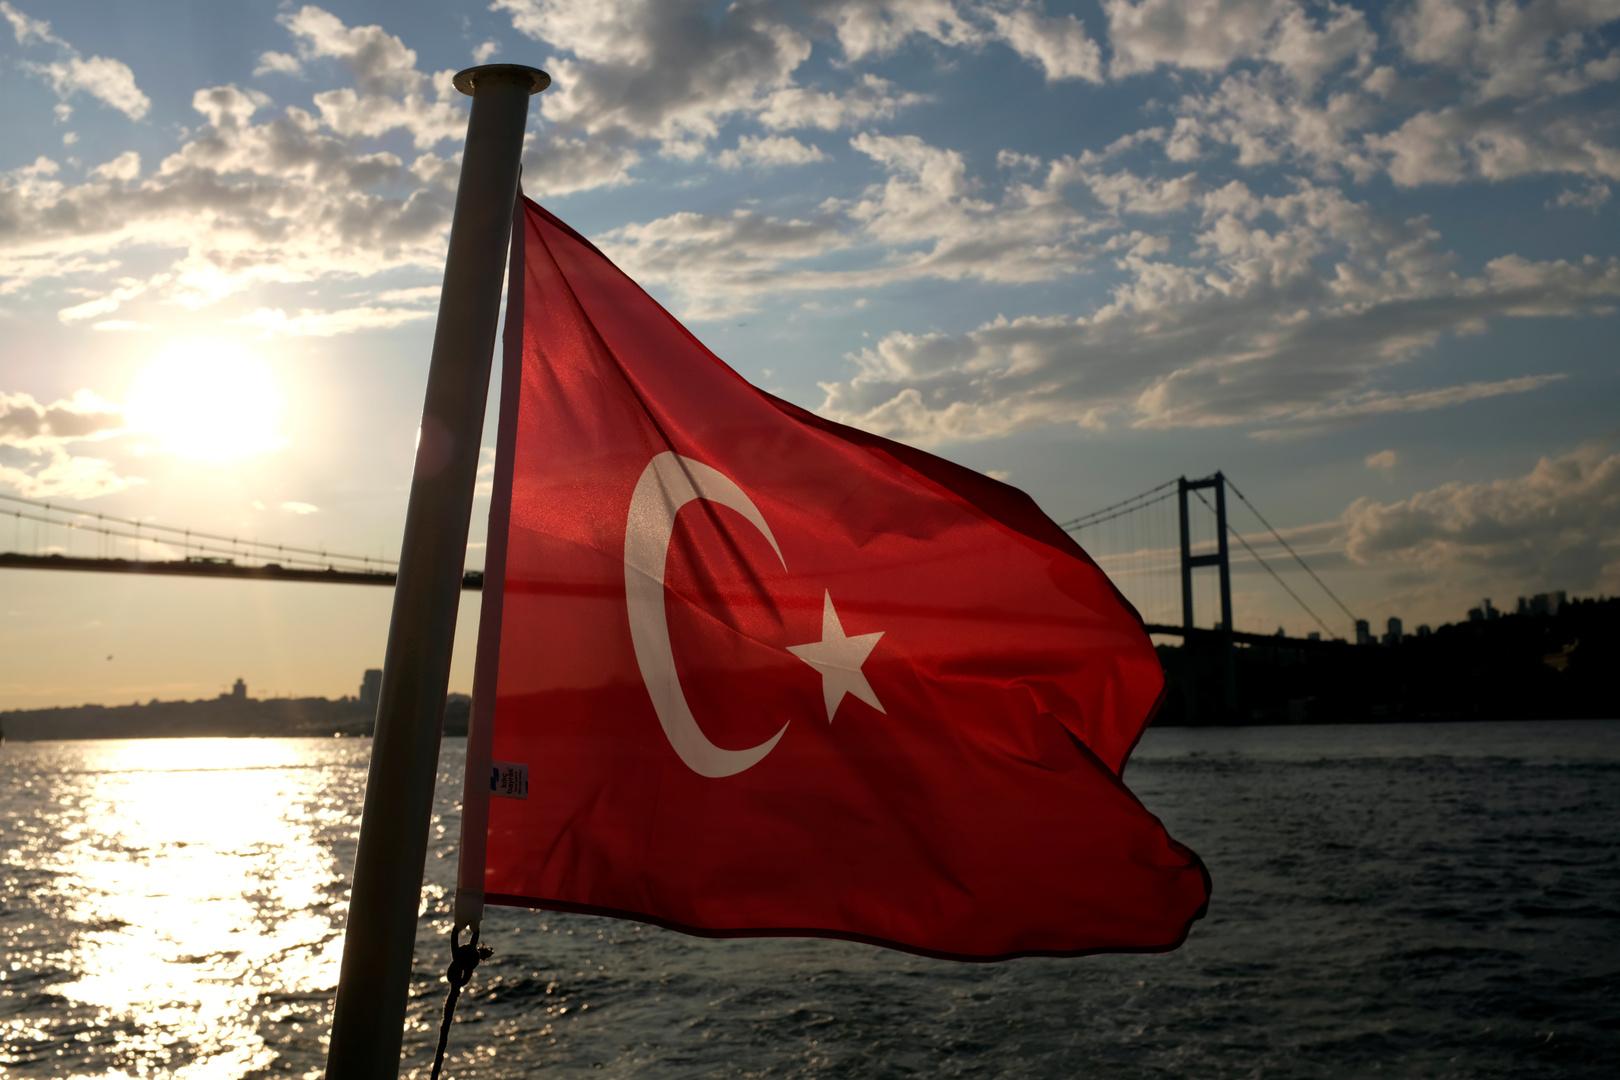 تركيا تعلن موعد إنتاج الكهرباء من محطة نووية تبنى بمساعدة روسيا